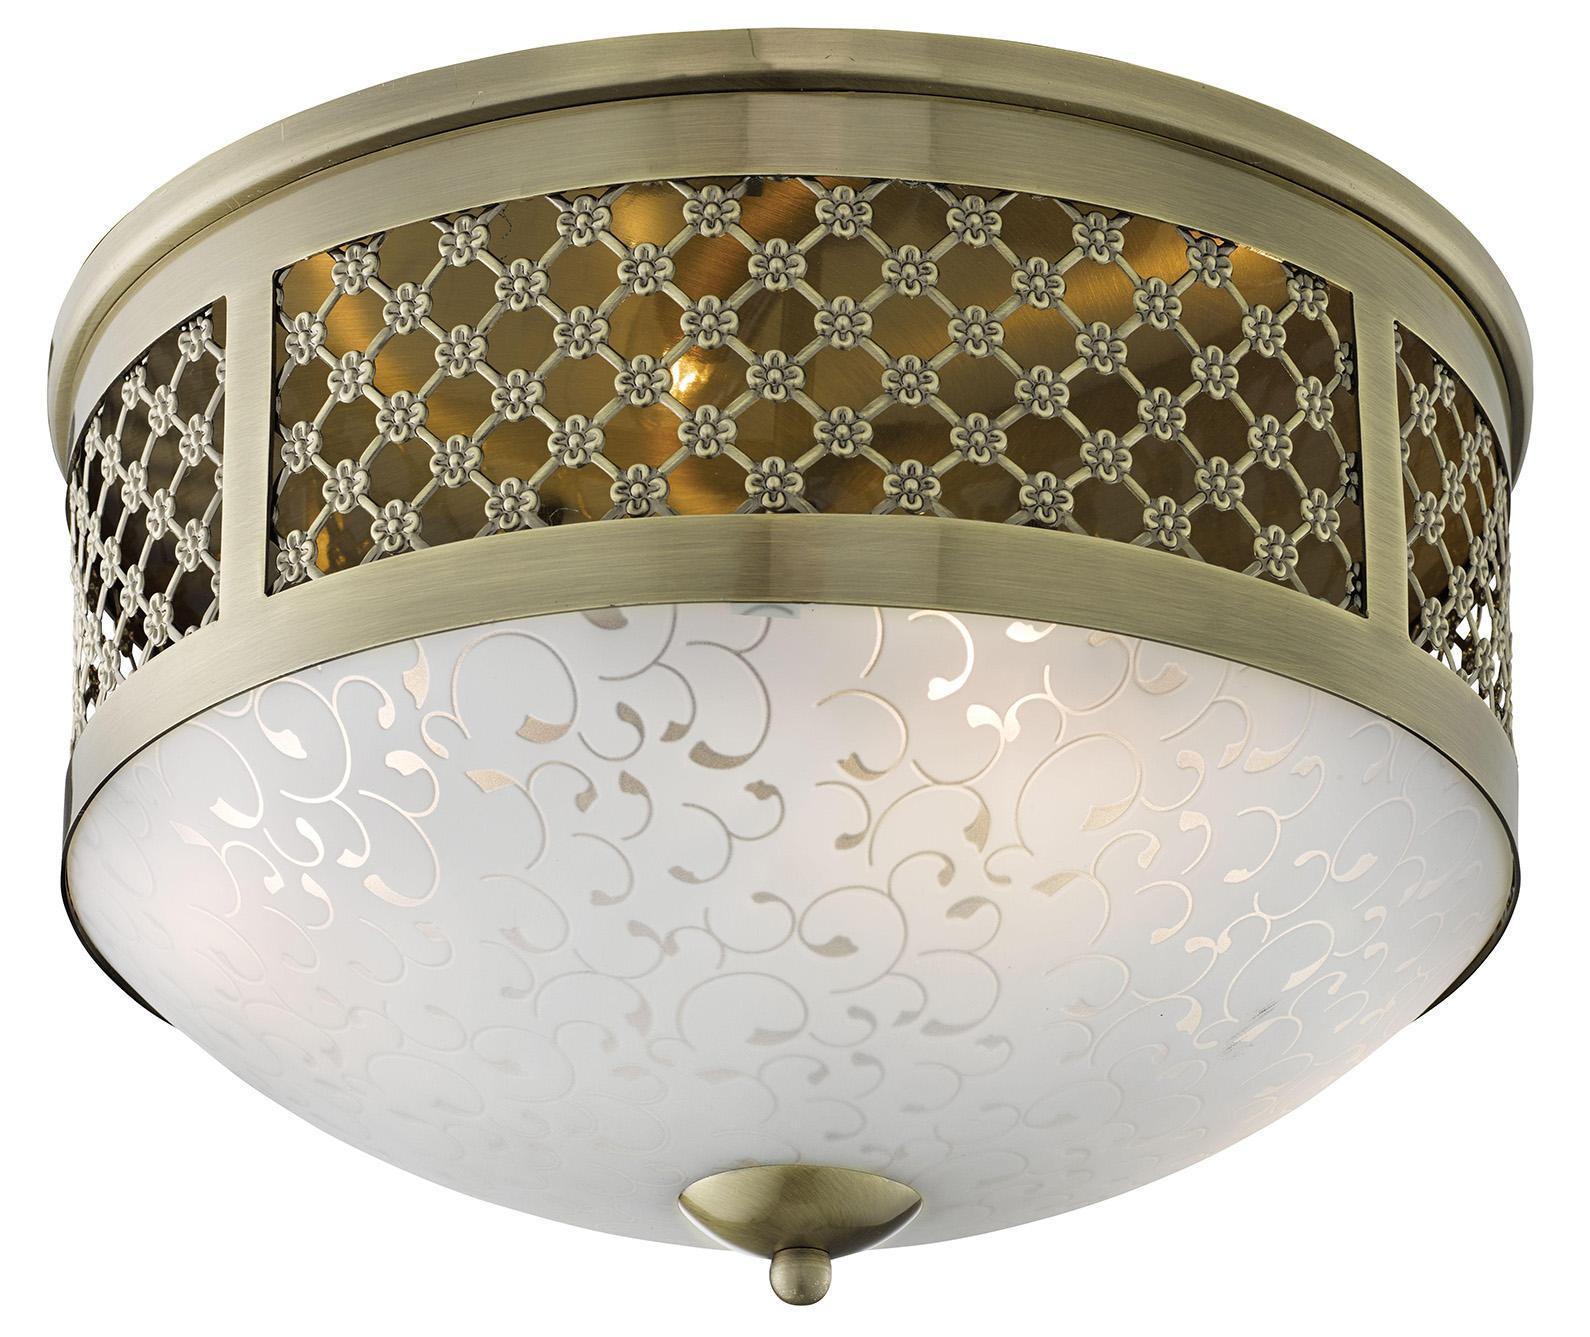 A6580PL-3AB GUIMET Потолочный светильникA6580PL-3ABСветильник станет прекрасным дополнениям к интерьеру вашего дома. Он выполнен из качественных и долговечных материалов. Такое изделие добавит света и уюта вашему жилищу. Его оригинальная форма подойдет для любого интерьера.